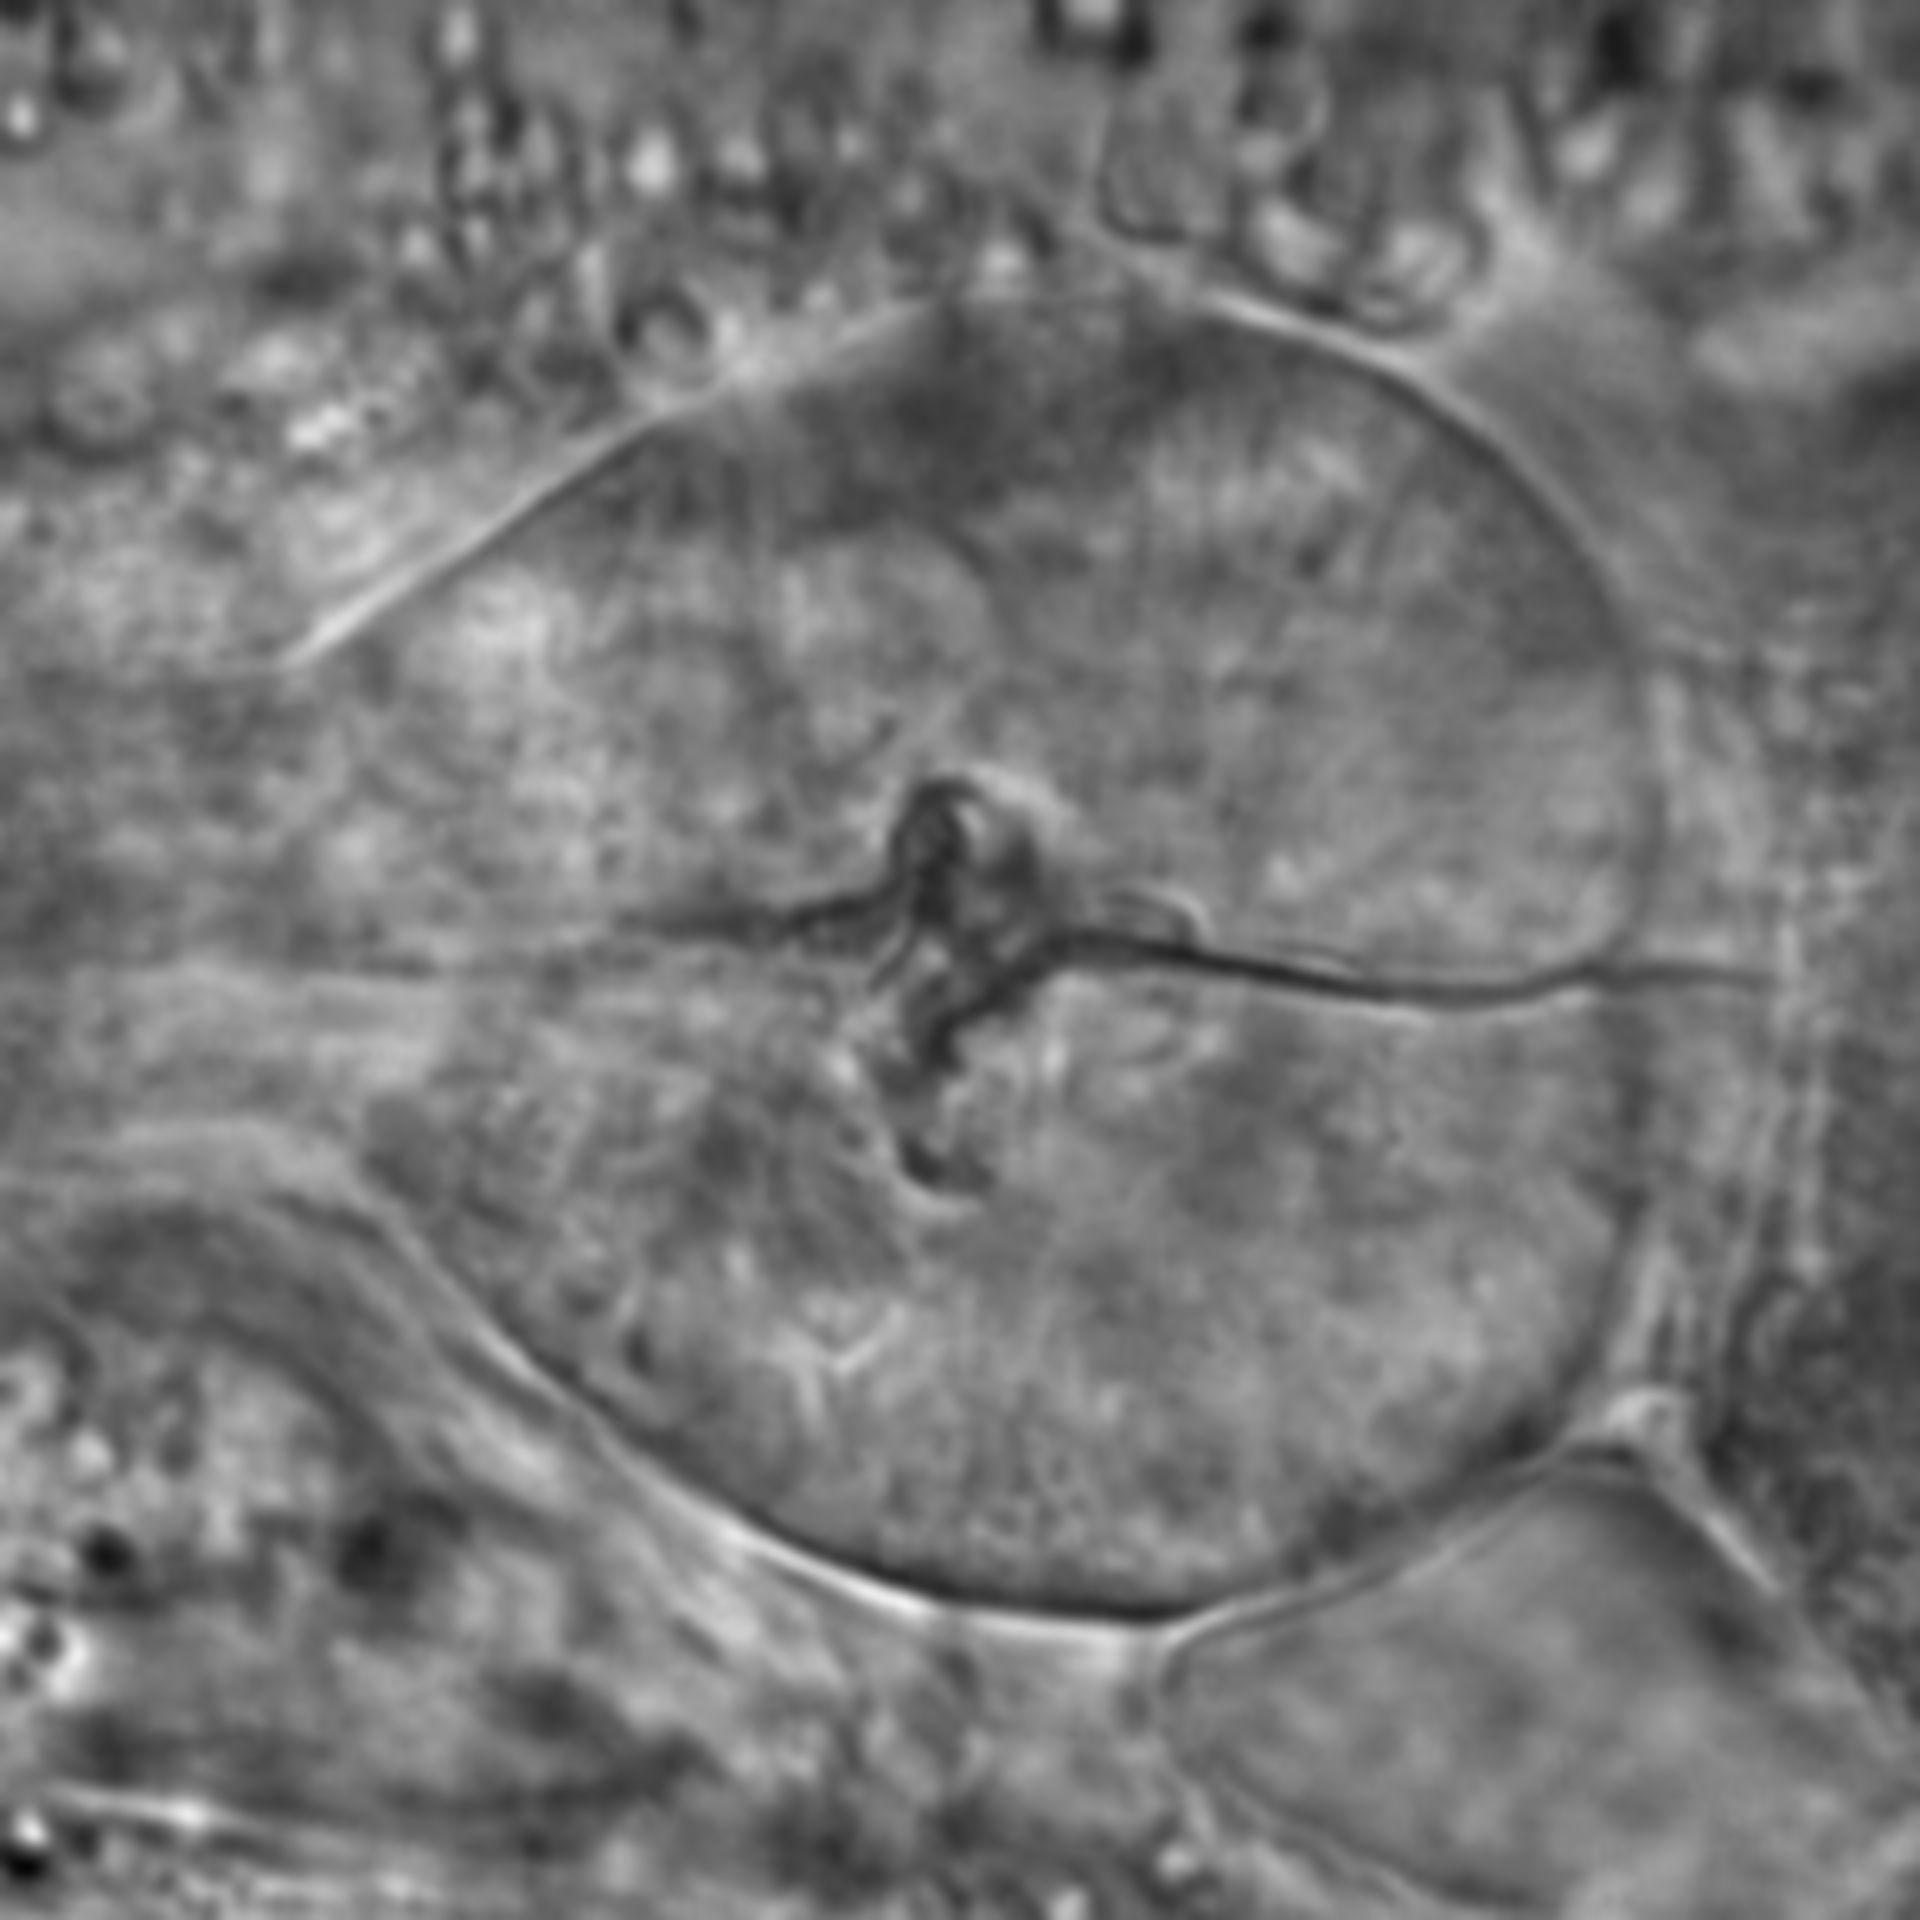 Caenorhabditis elegans - CIL:1699